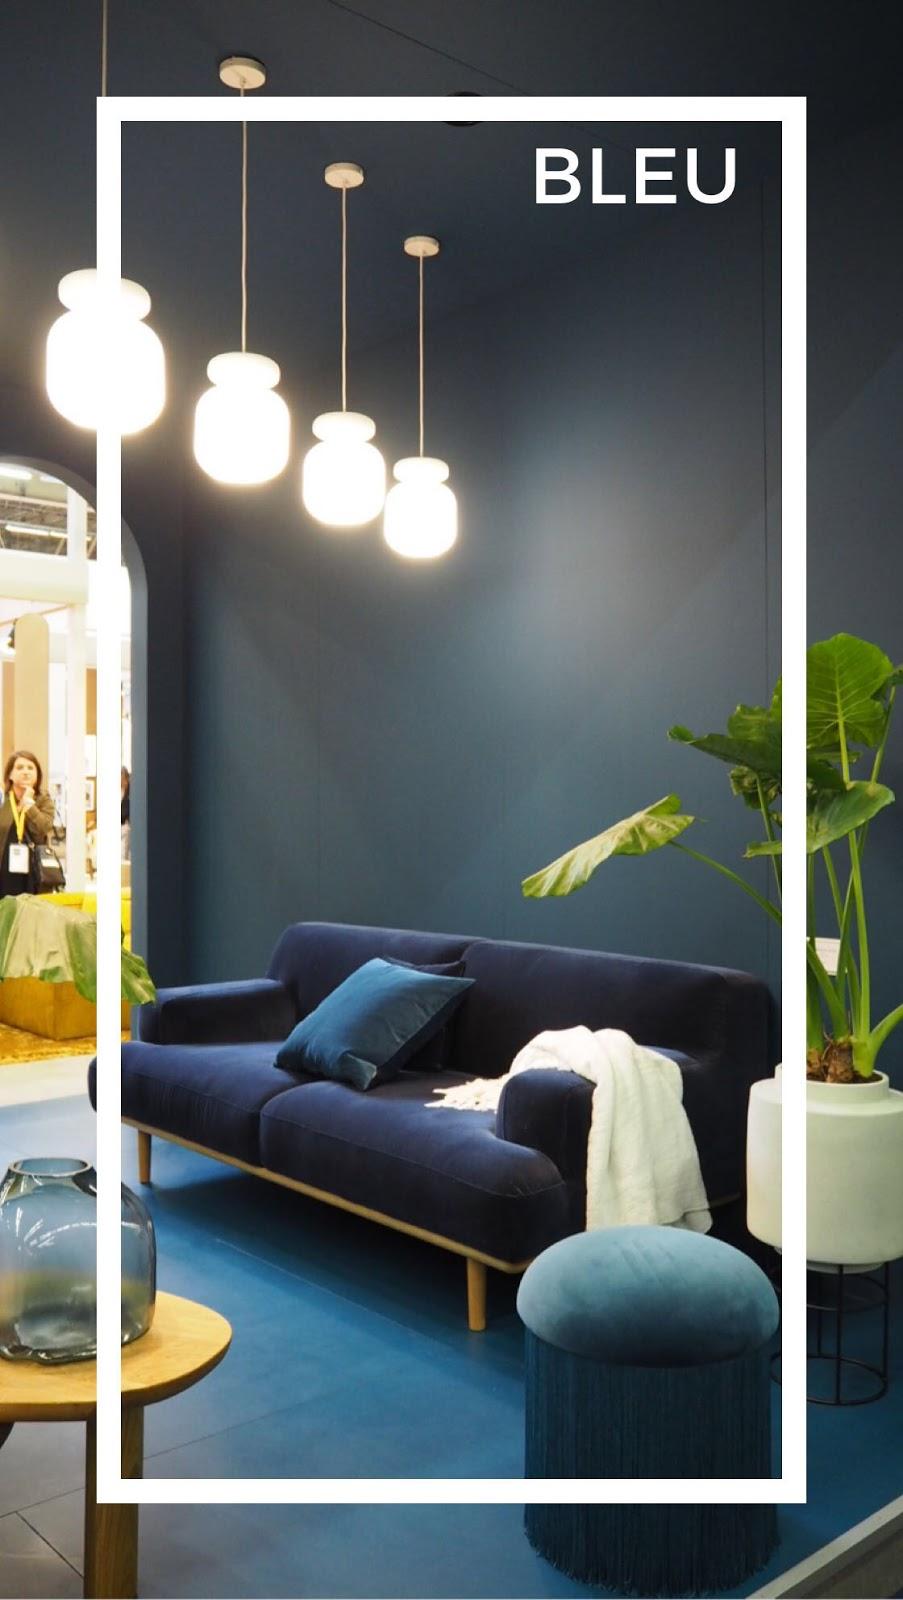 ilaria fatone - bleu foncé - tendances de maison & objets